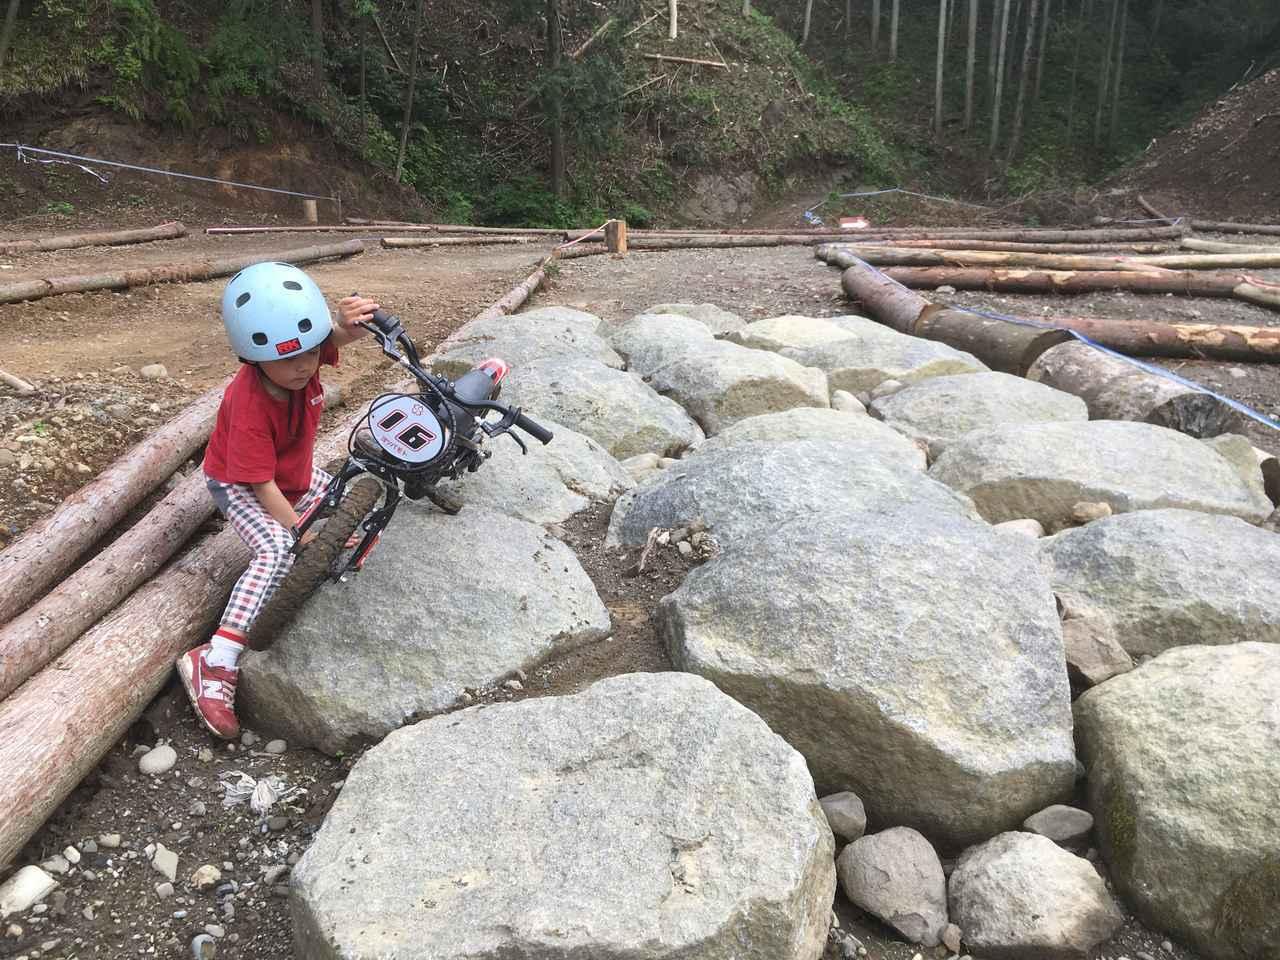 画像: いいもの「子供とバイクで冒険しよう、ヨツバモト」 - Off1.jp(オフワン・ドット・ジェイピー)